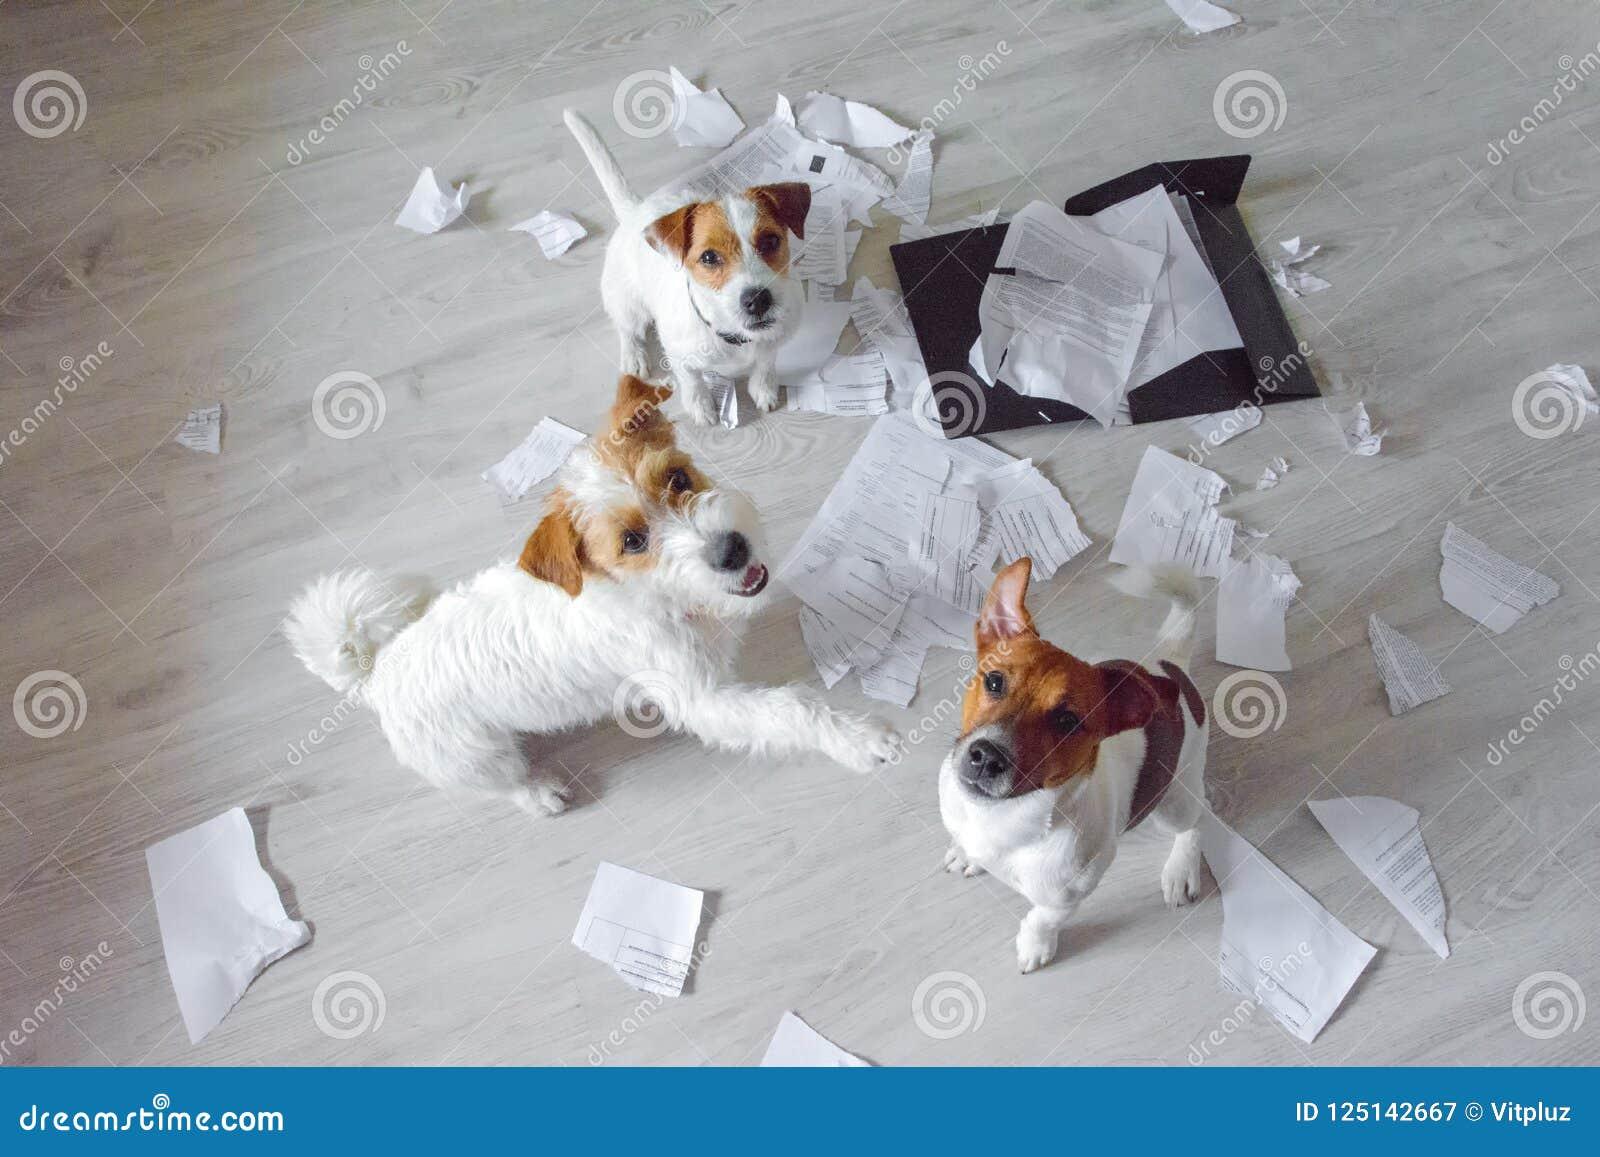 Τρία κακά σκυλιά στη μέση βρωμίζουν τη συνεδρίαση και να ανατρέξουν Σημεία ενός σκυλιού σε άλλο με το πόδι του